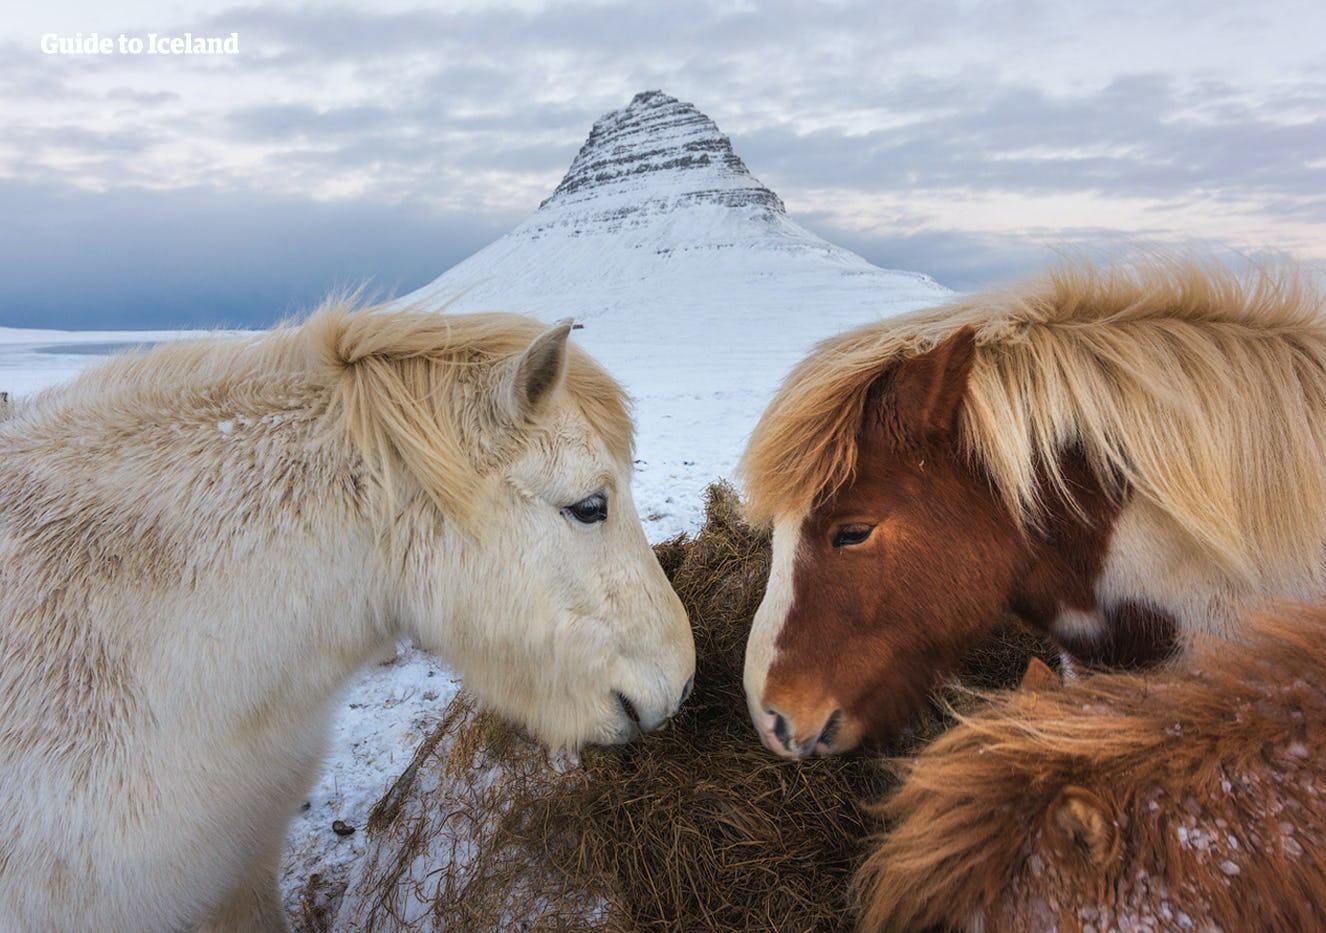 Caballos islandeses y la icónica montaña Kirkjufell en la península de Snæfellsnes.